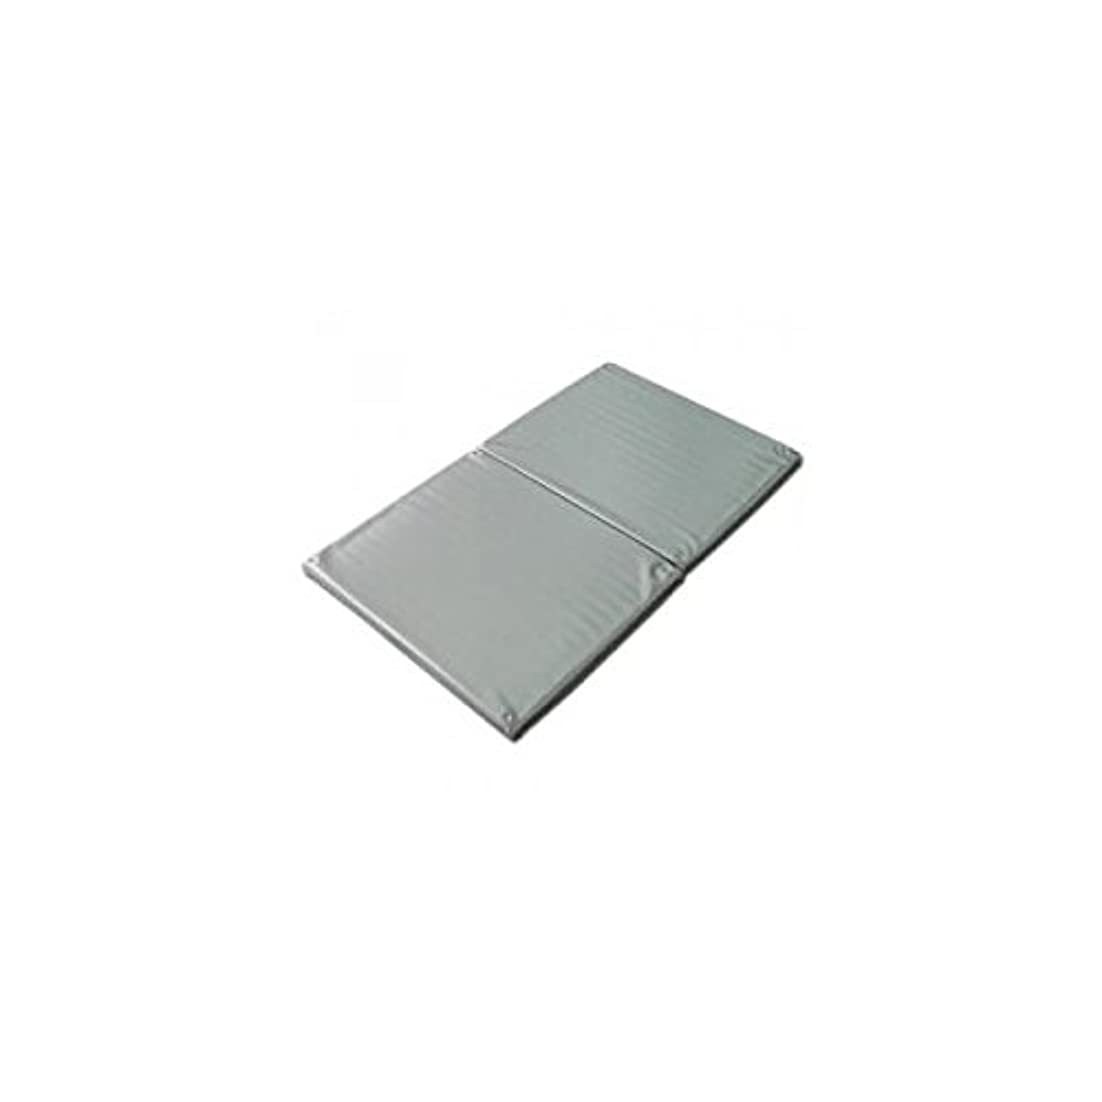 リベラルポルティコ馬鹿ヨックお風呂のマッサージ用マットP(2ツ折)シルバー 120×70cm│防水マッサージマット ポリエチレン製